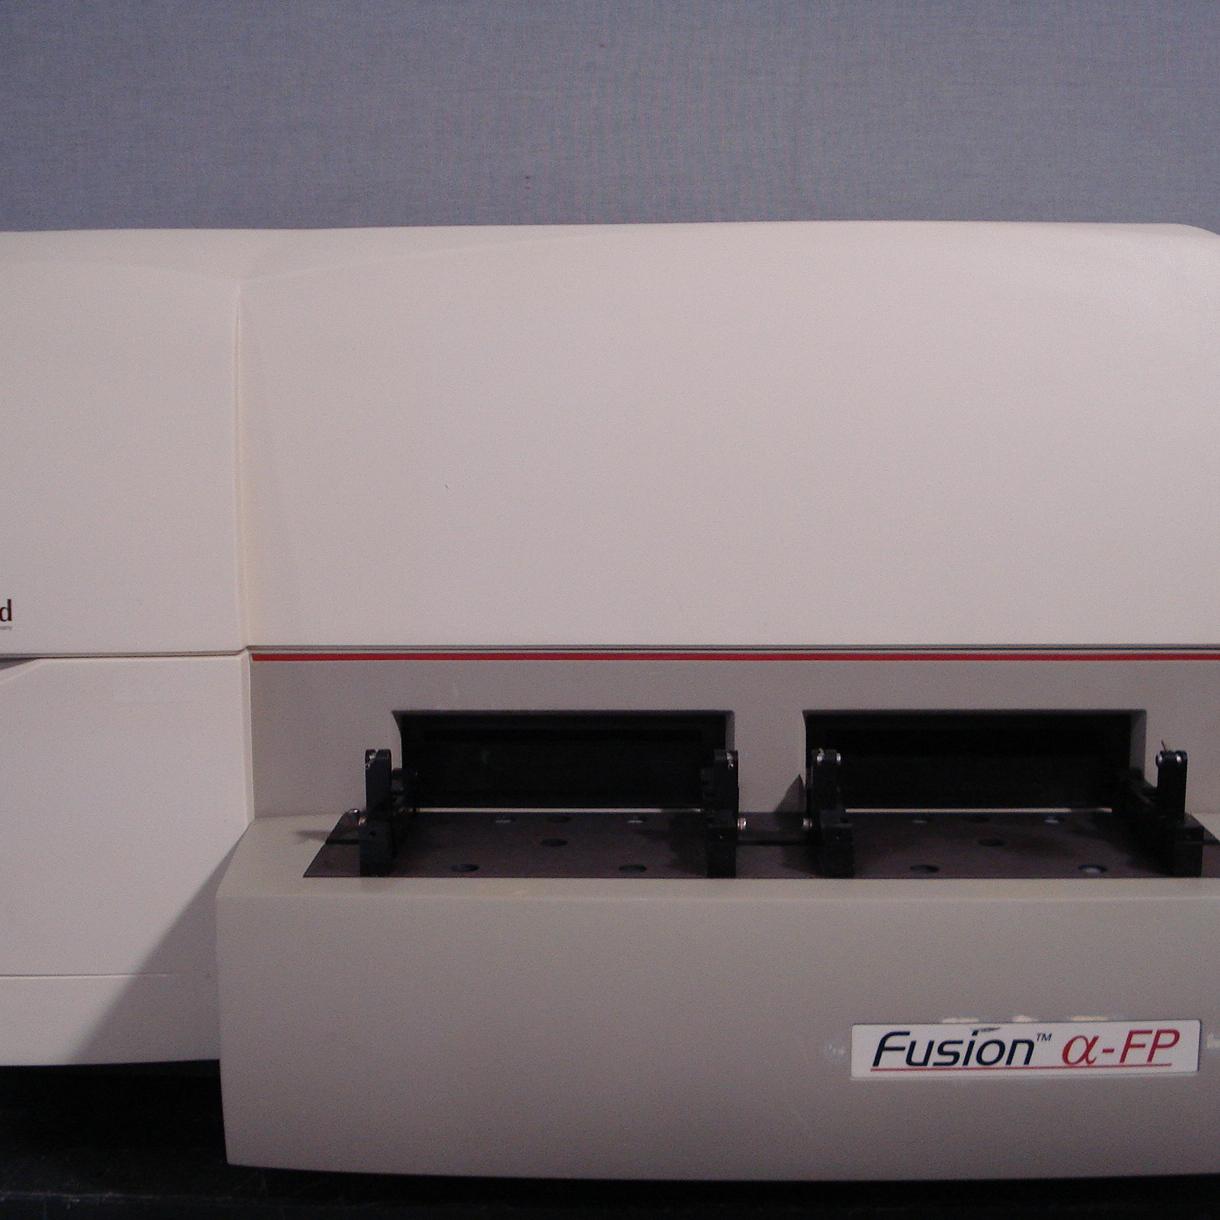 Perkin Elmer/Packard Fusion Alpha-FP Microplate Analyzer, Flourescence plate reader Image